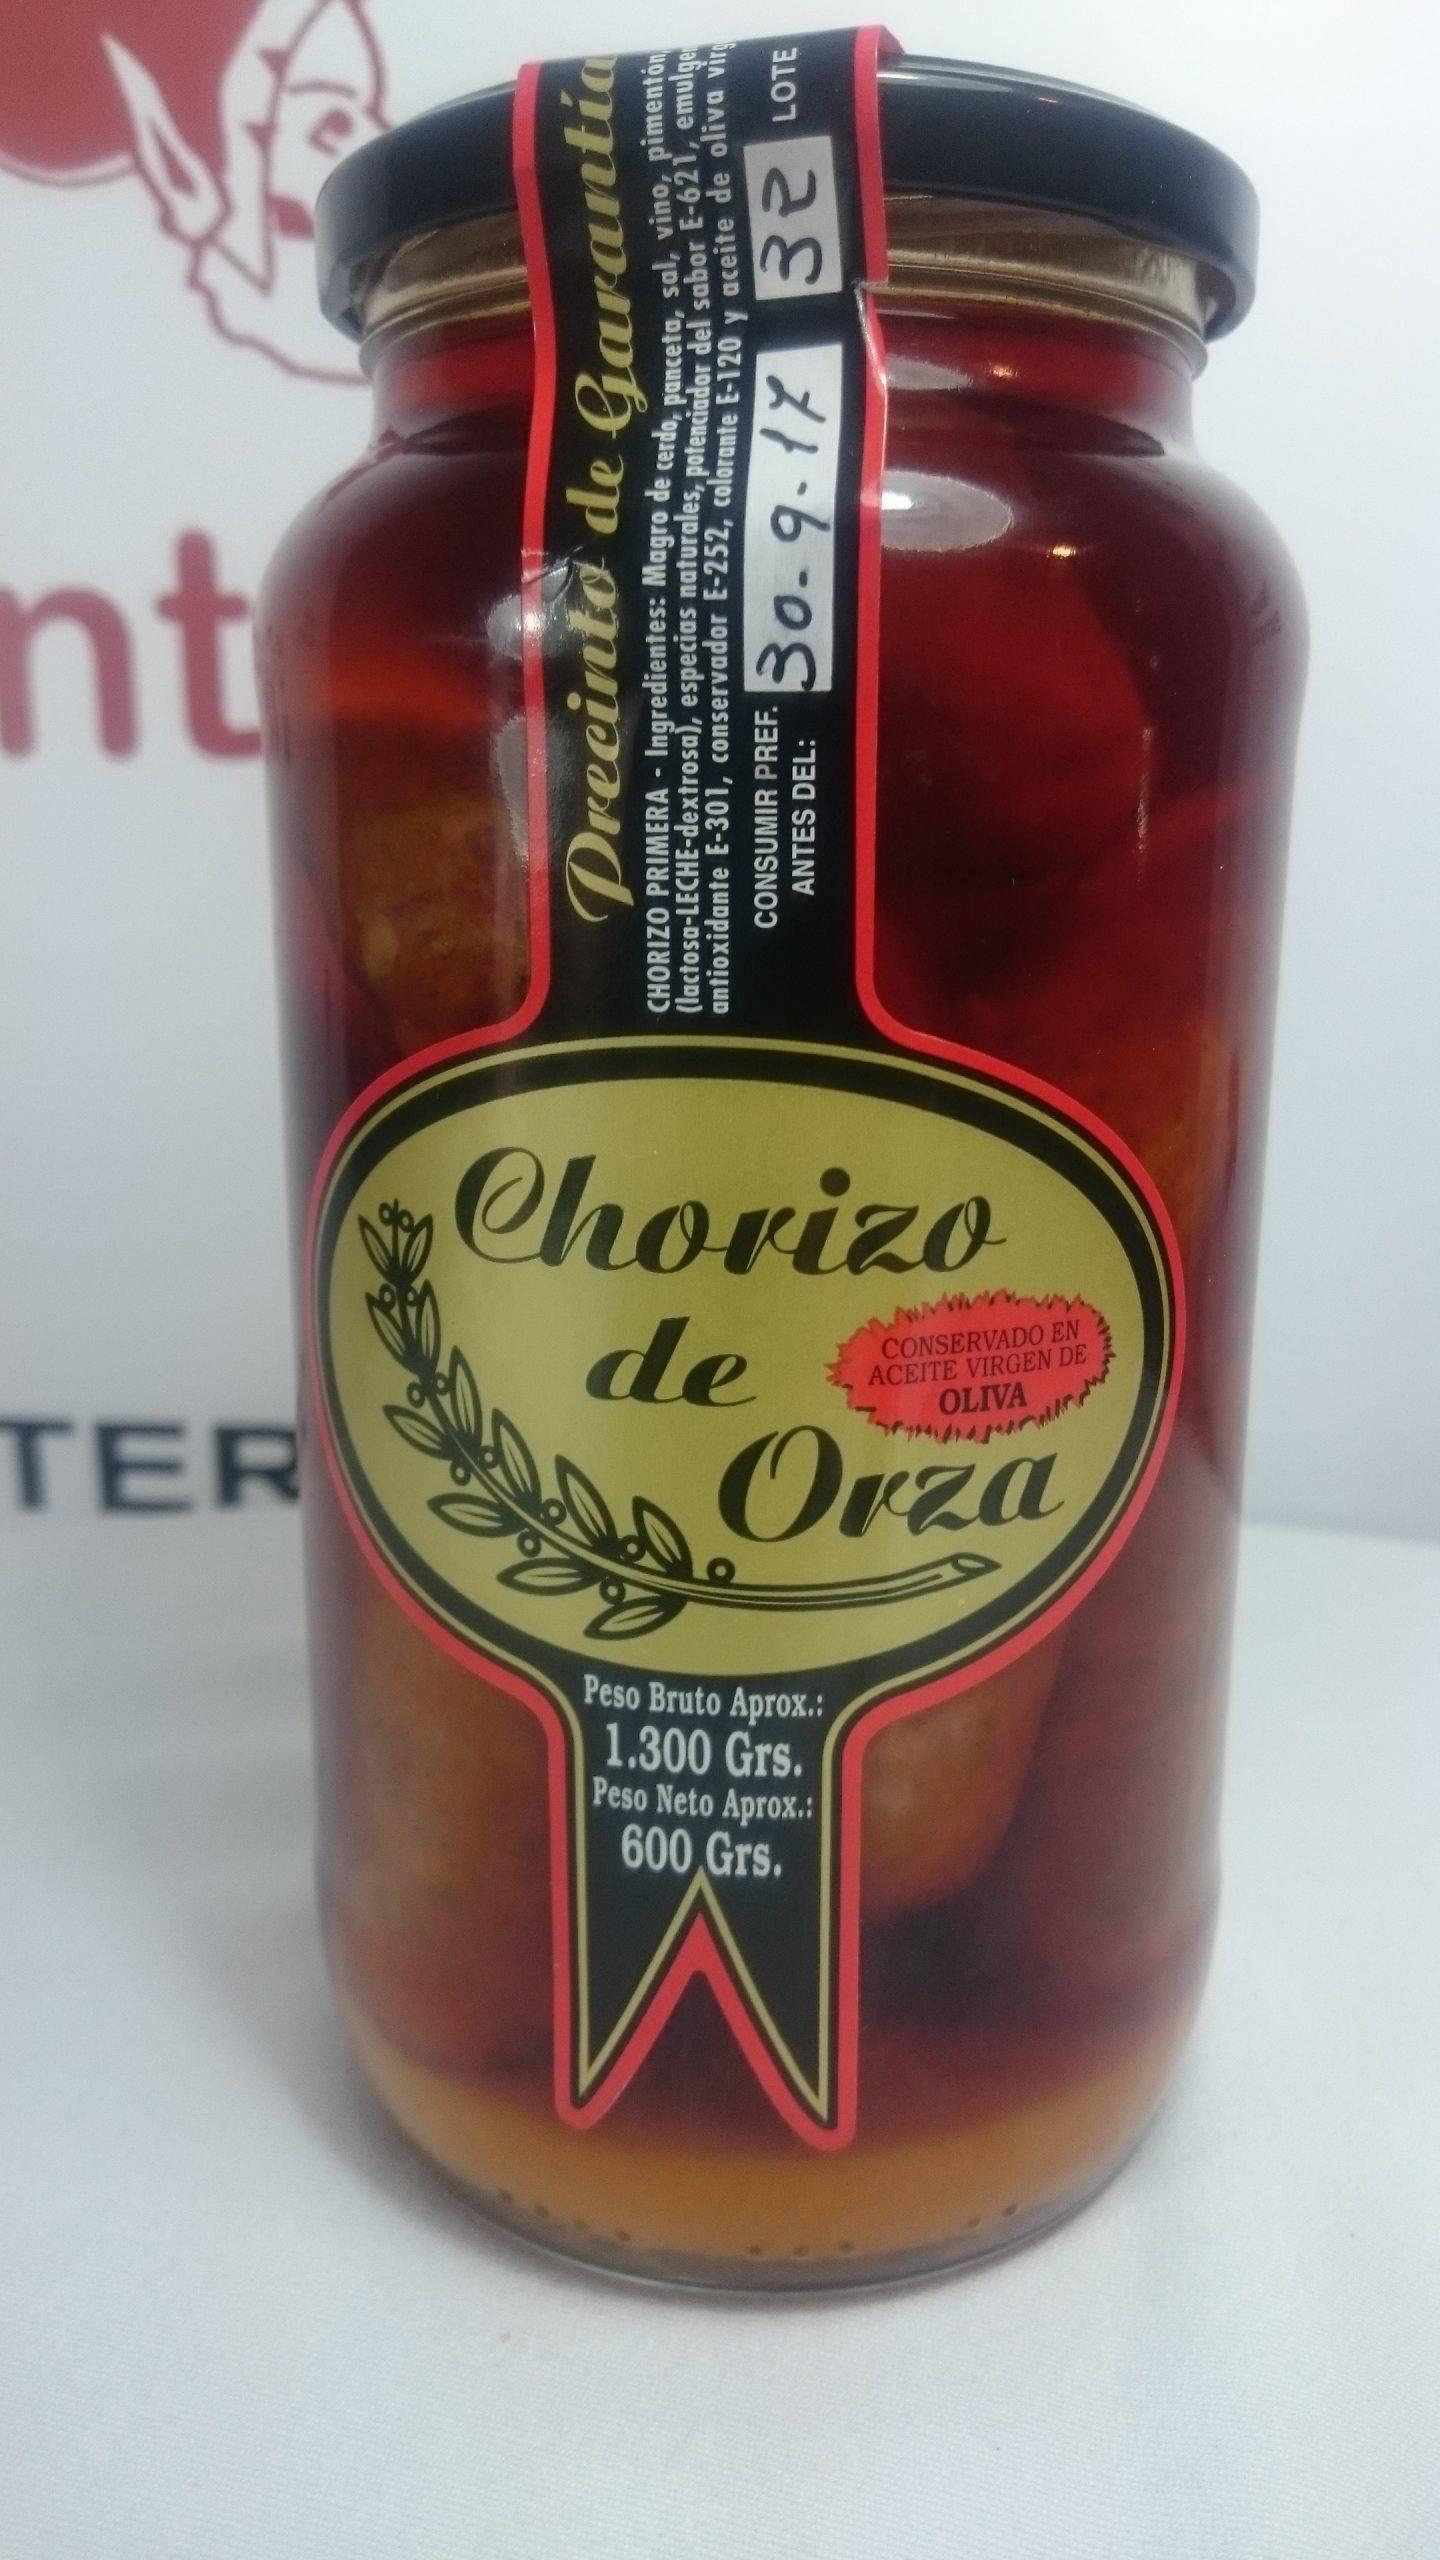 Chorizo de Orza